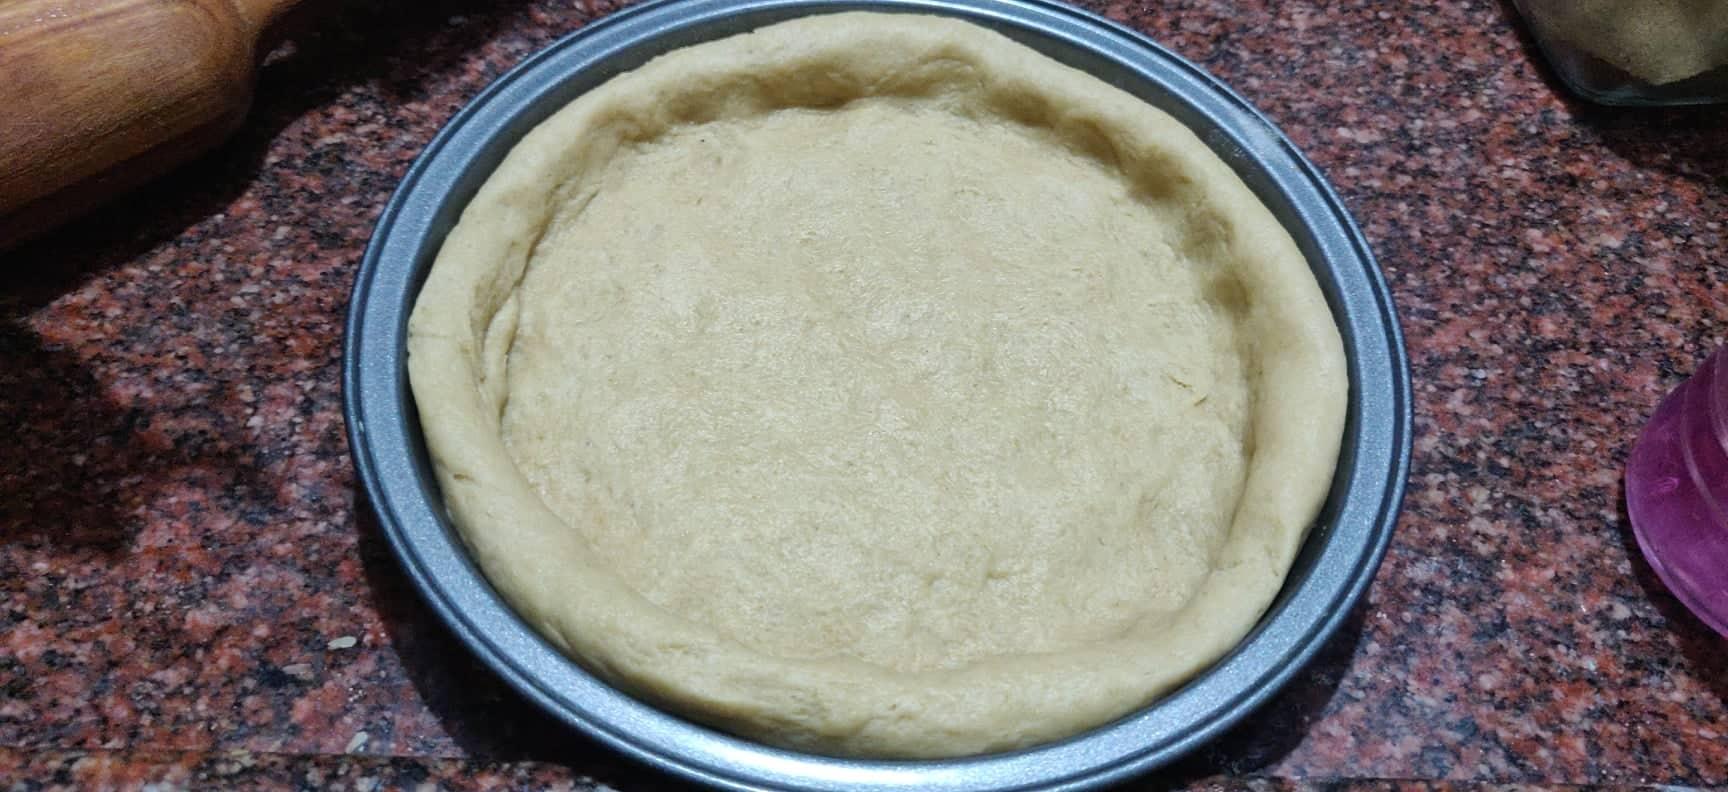 paneer_tikka_pizza - 79992290_575347979968617_5208872612159029248_n